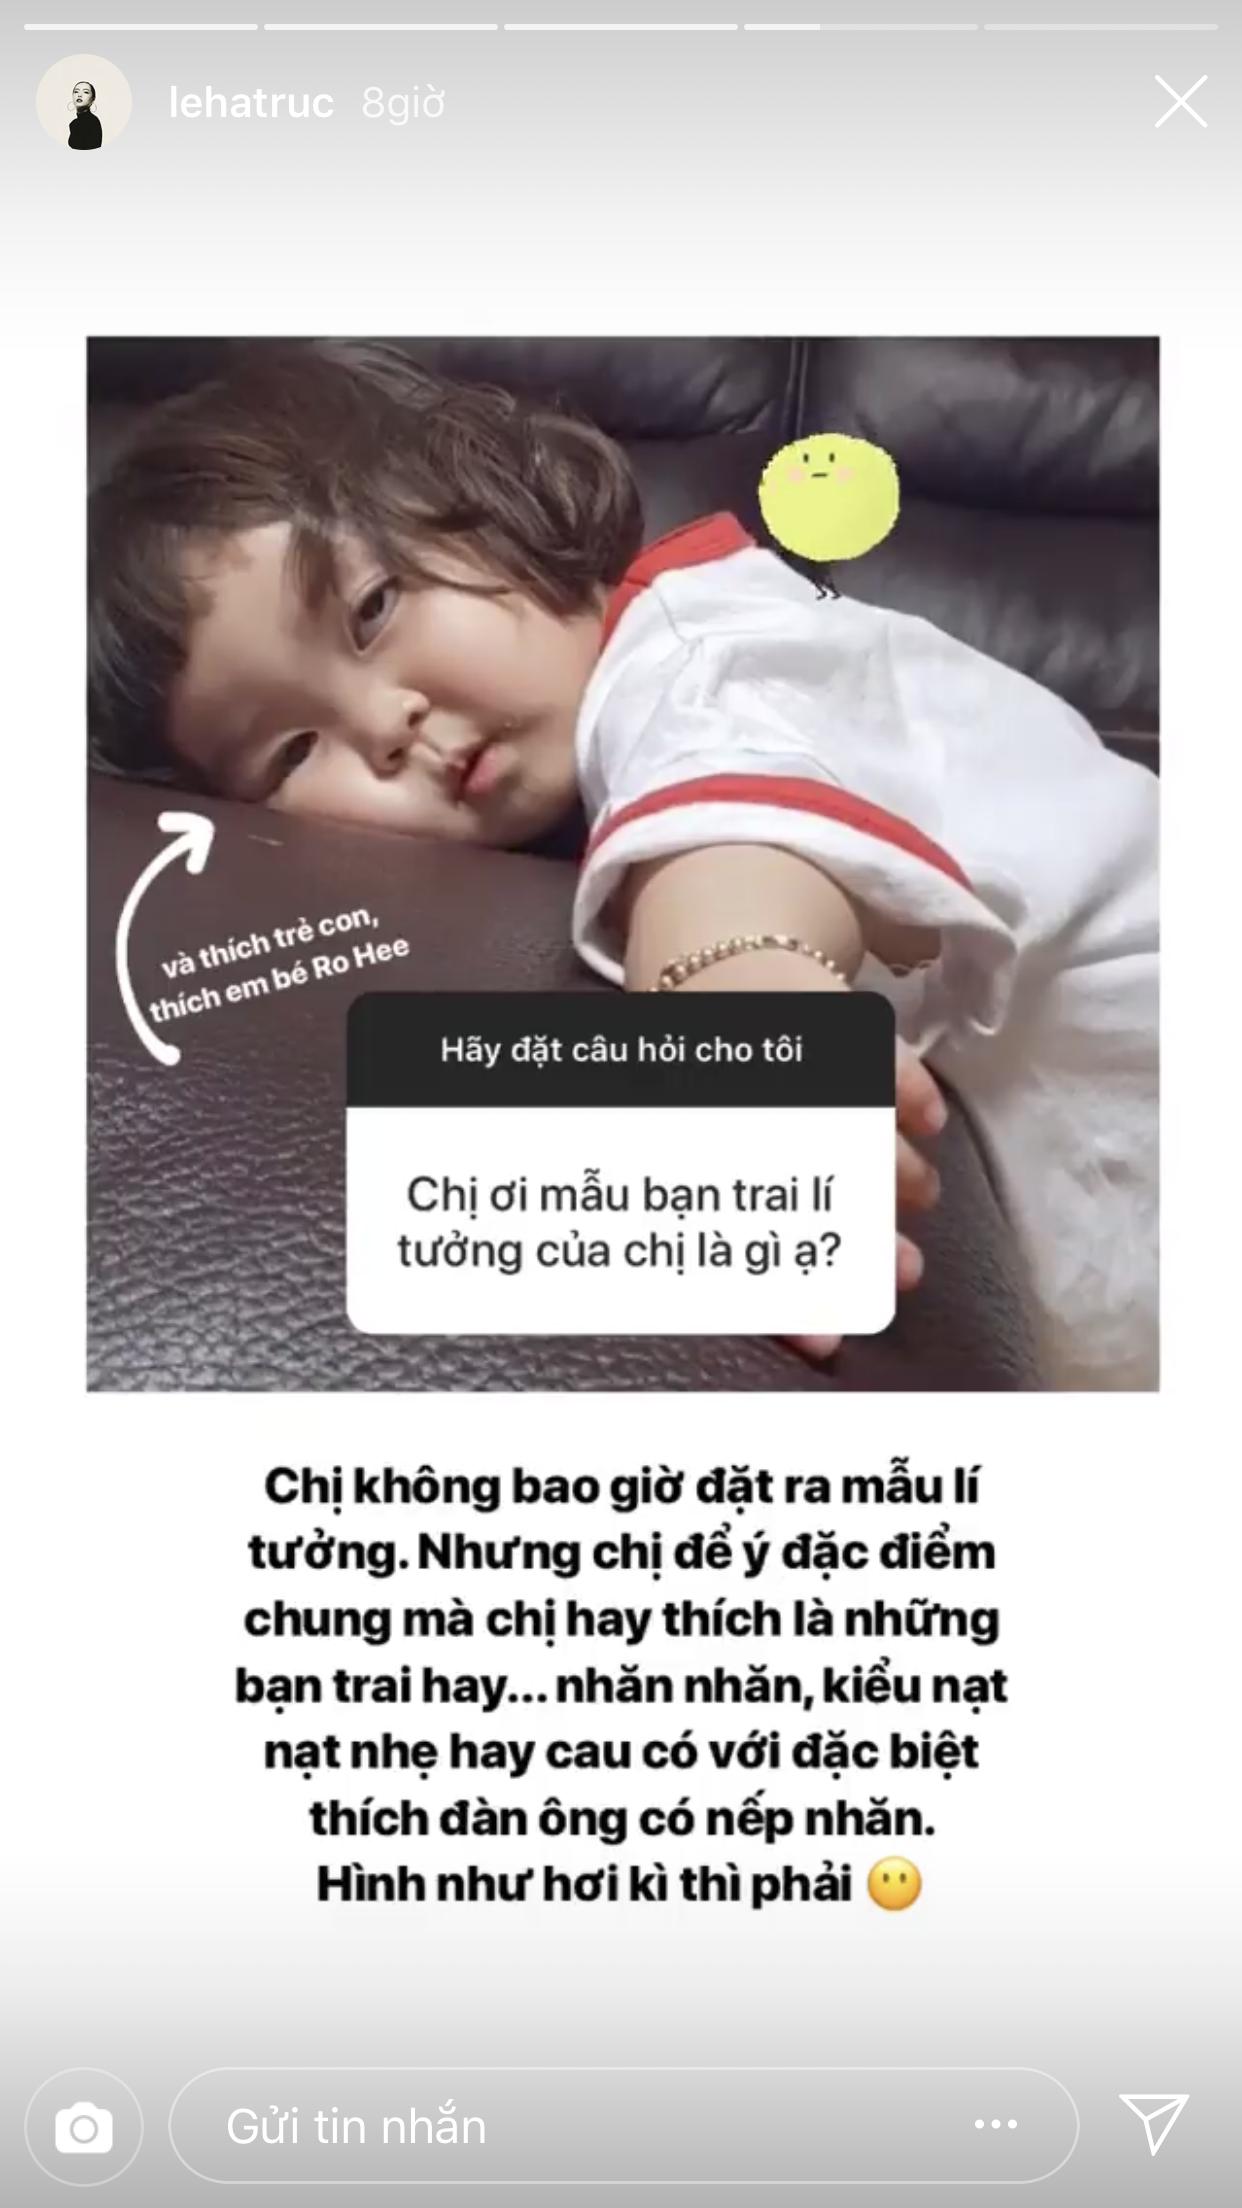 Hot girl chơi trả lời câu hỏi trên Instagram, có những tiết lộ thú vị đến không ngờ! - Ảnh 17.